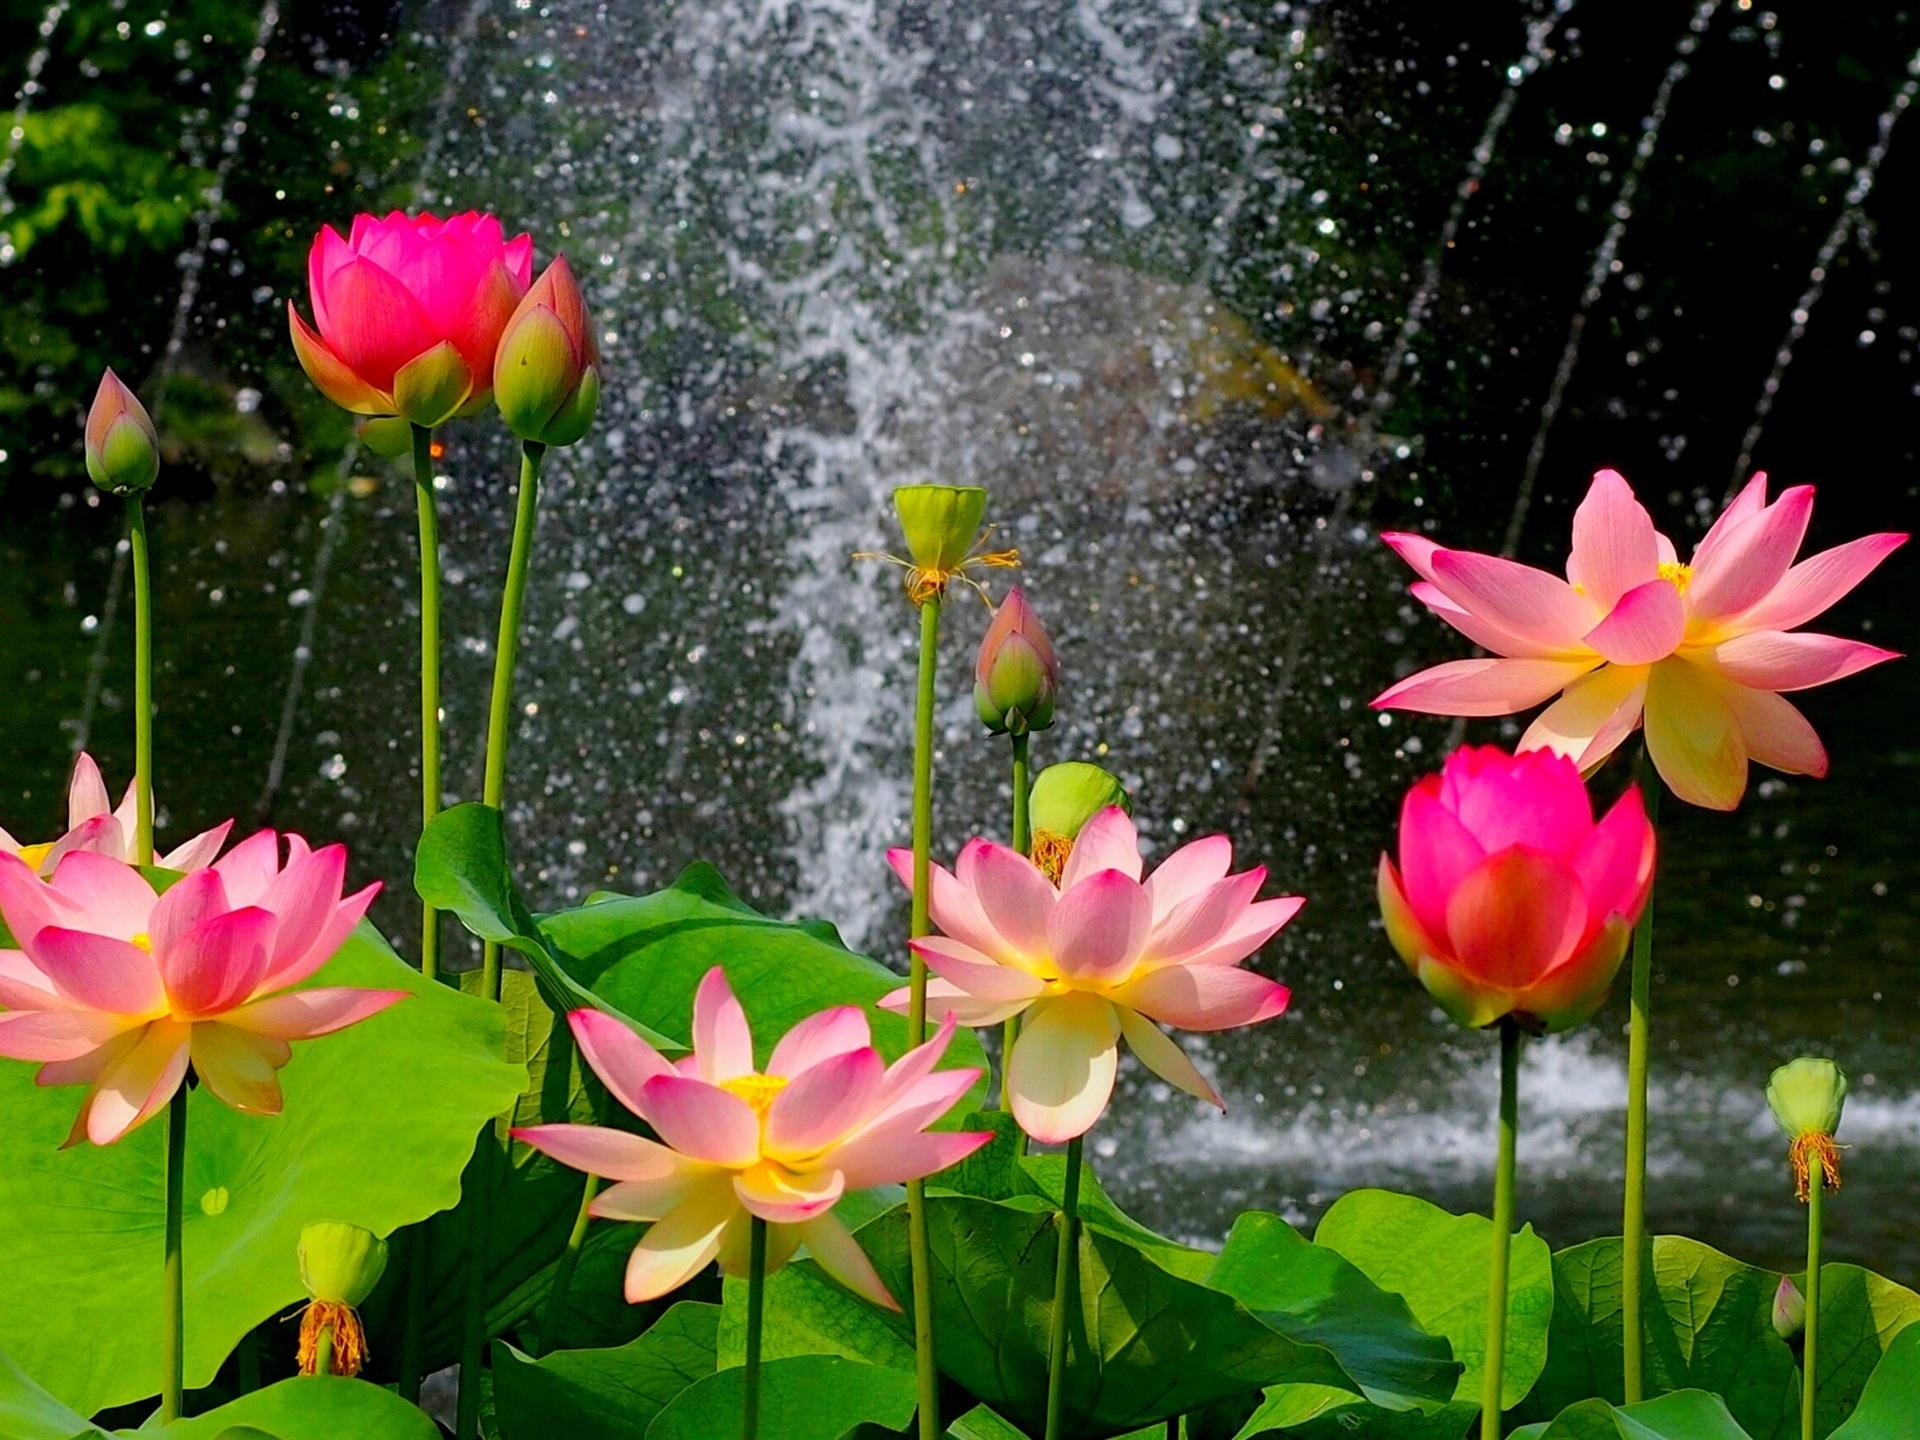 Fotos de flores de floriculturas 40